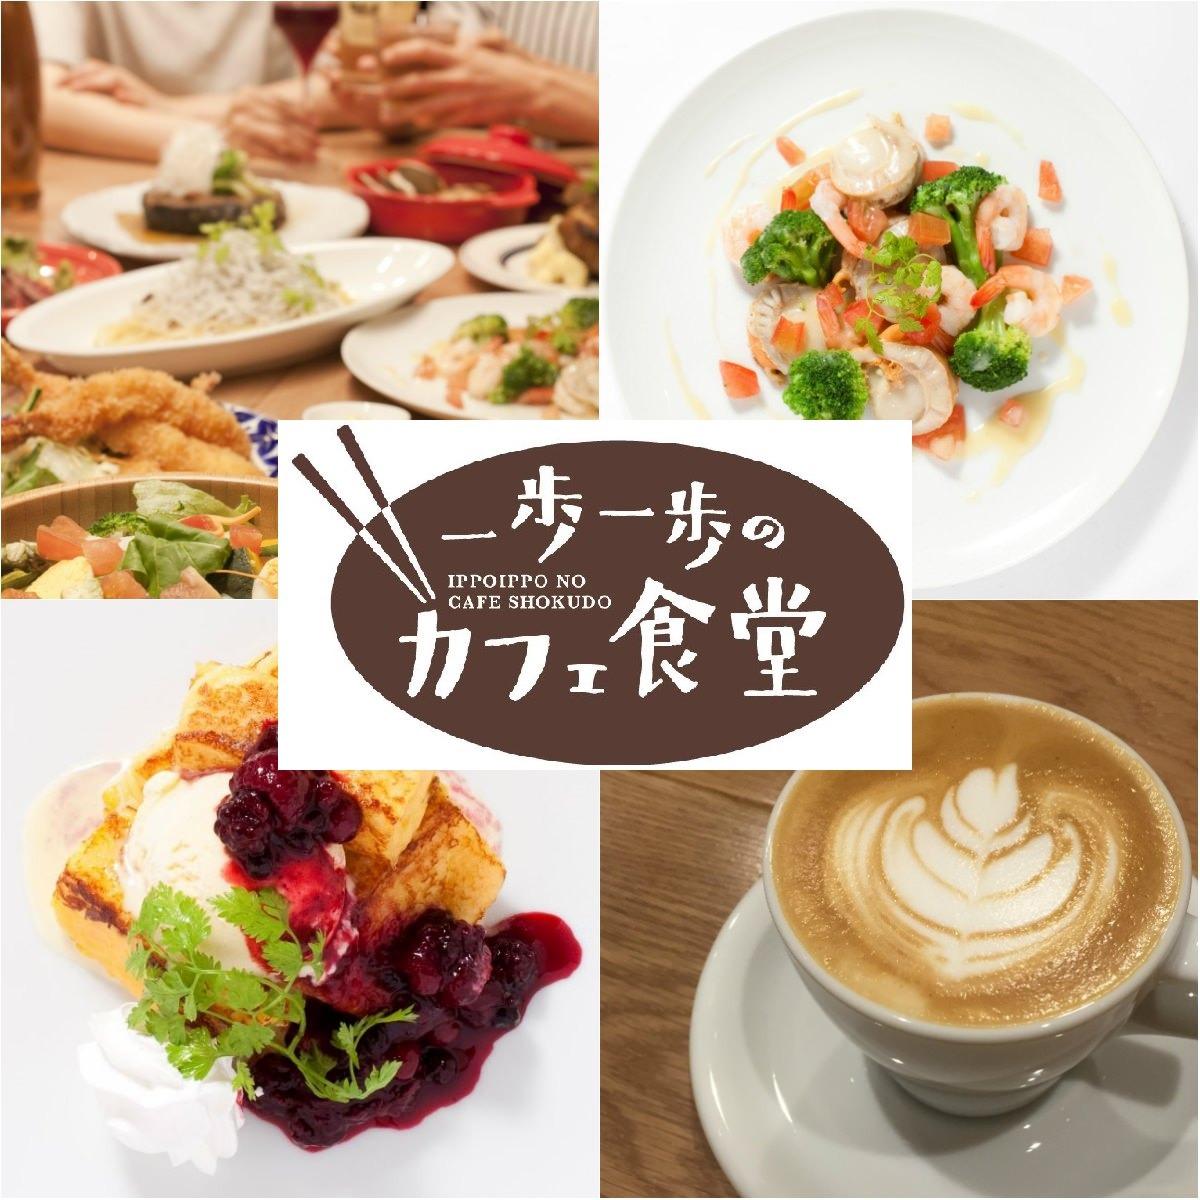 一歩一歩のカフェ食堂のイメージ写真